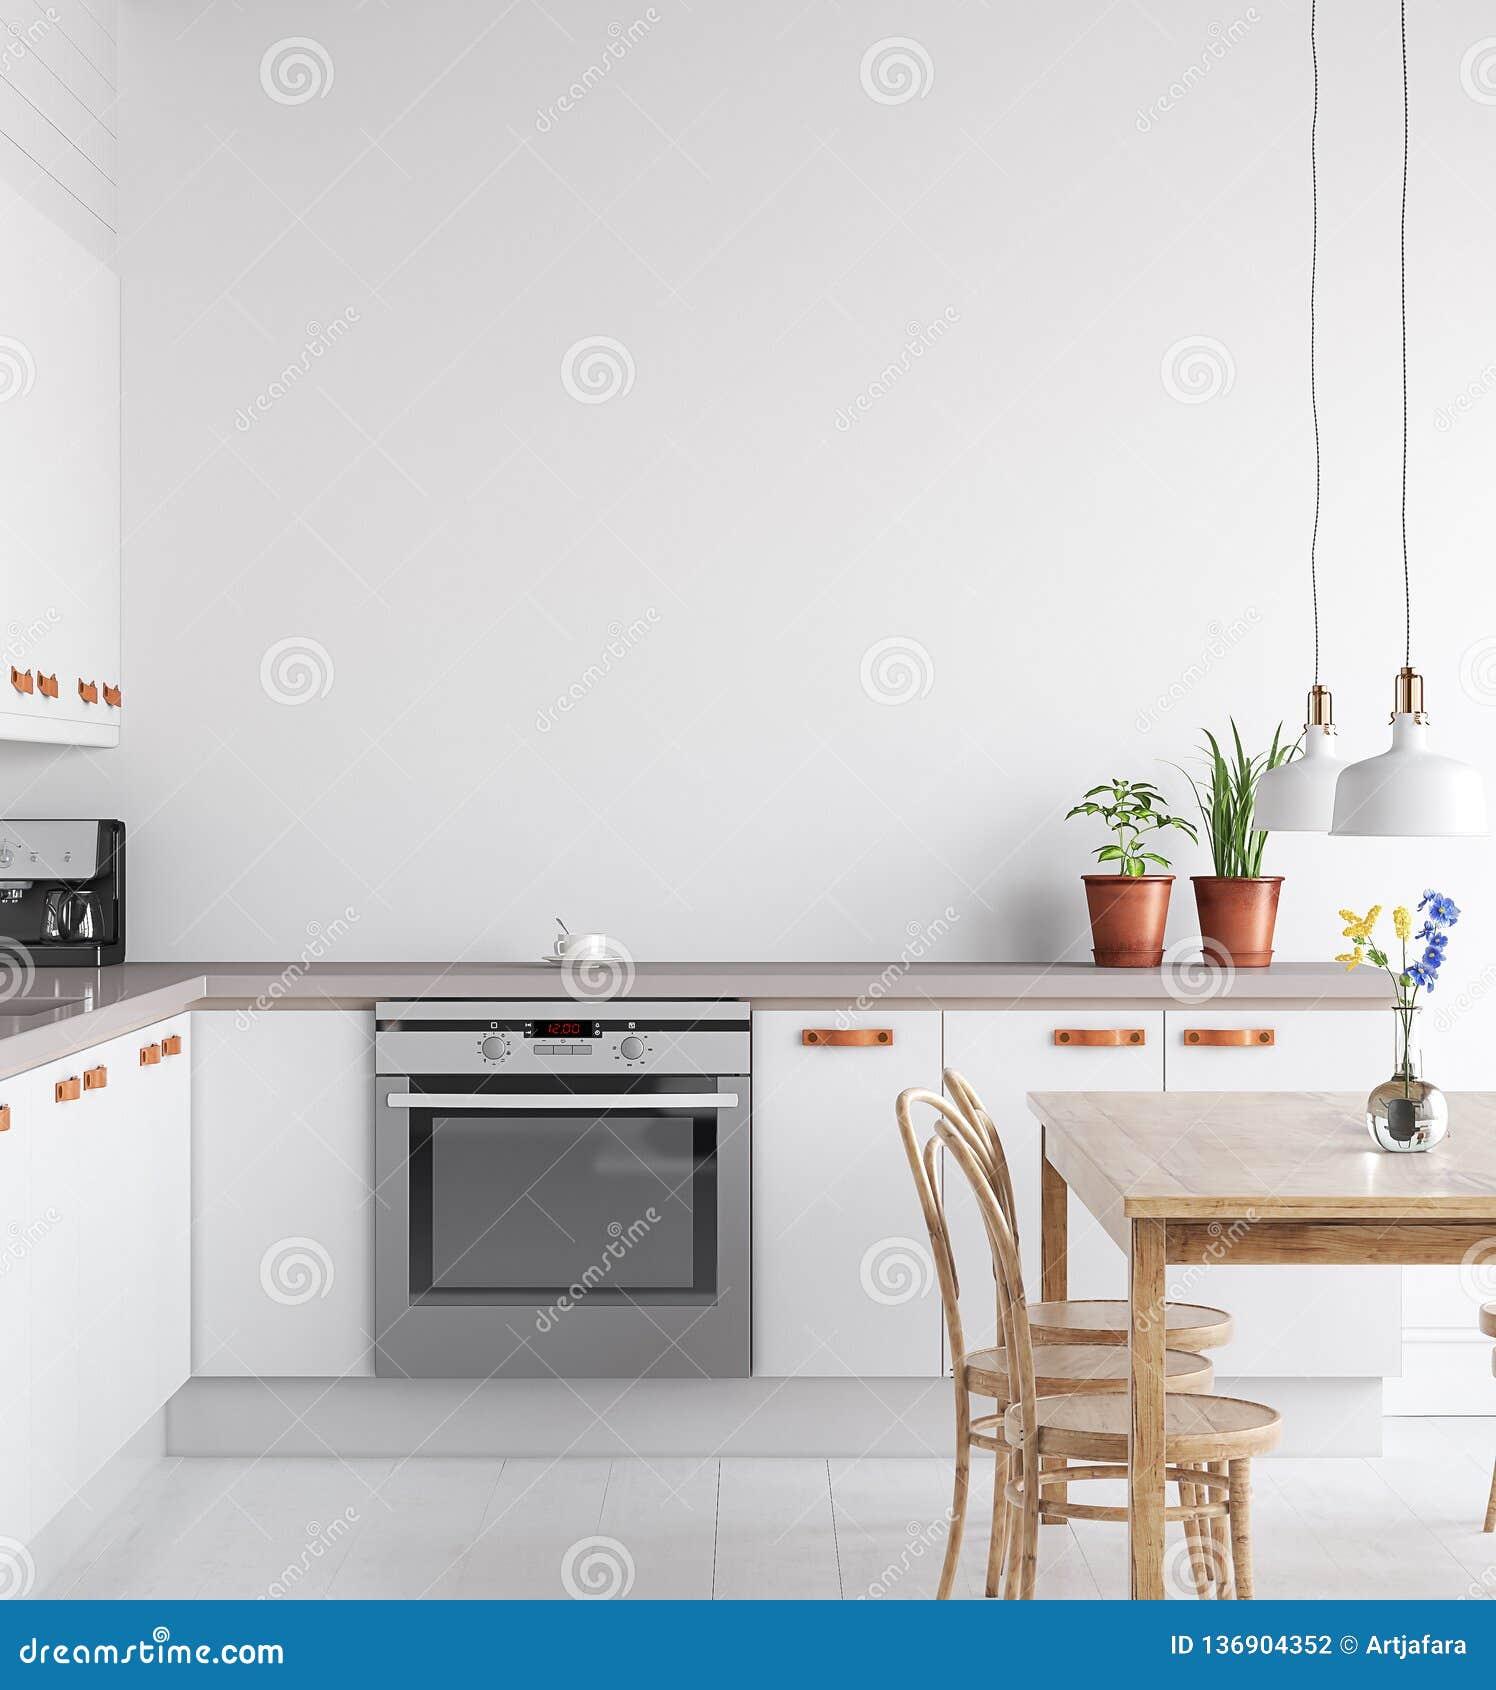 3,3 Kitchen Wall Photos - Free & Royalty-Free Stock Photos